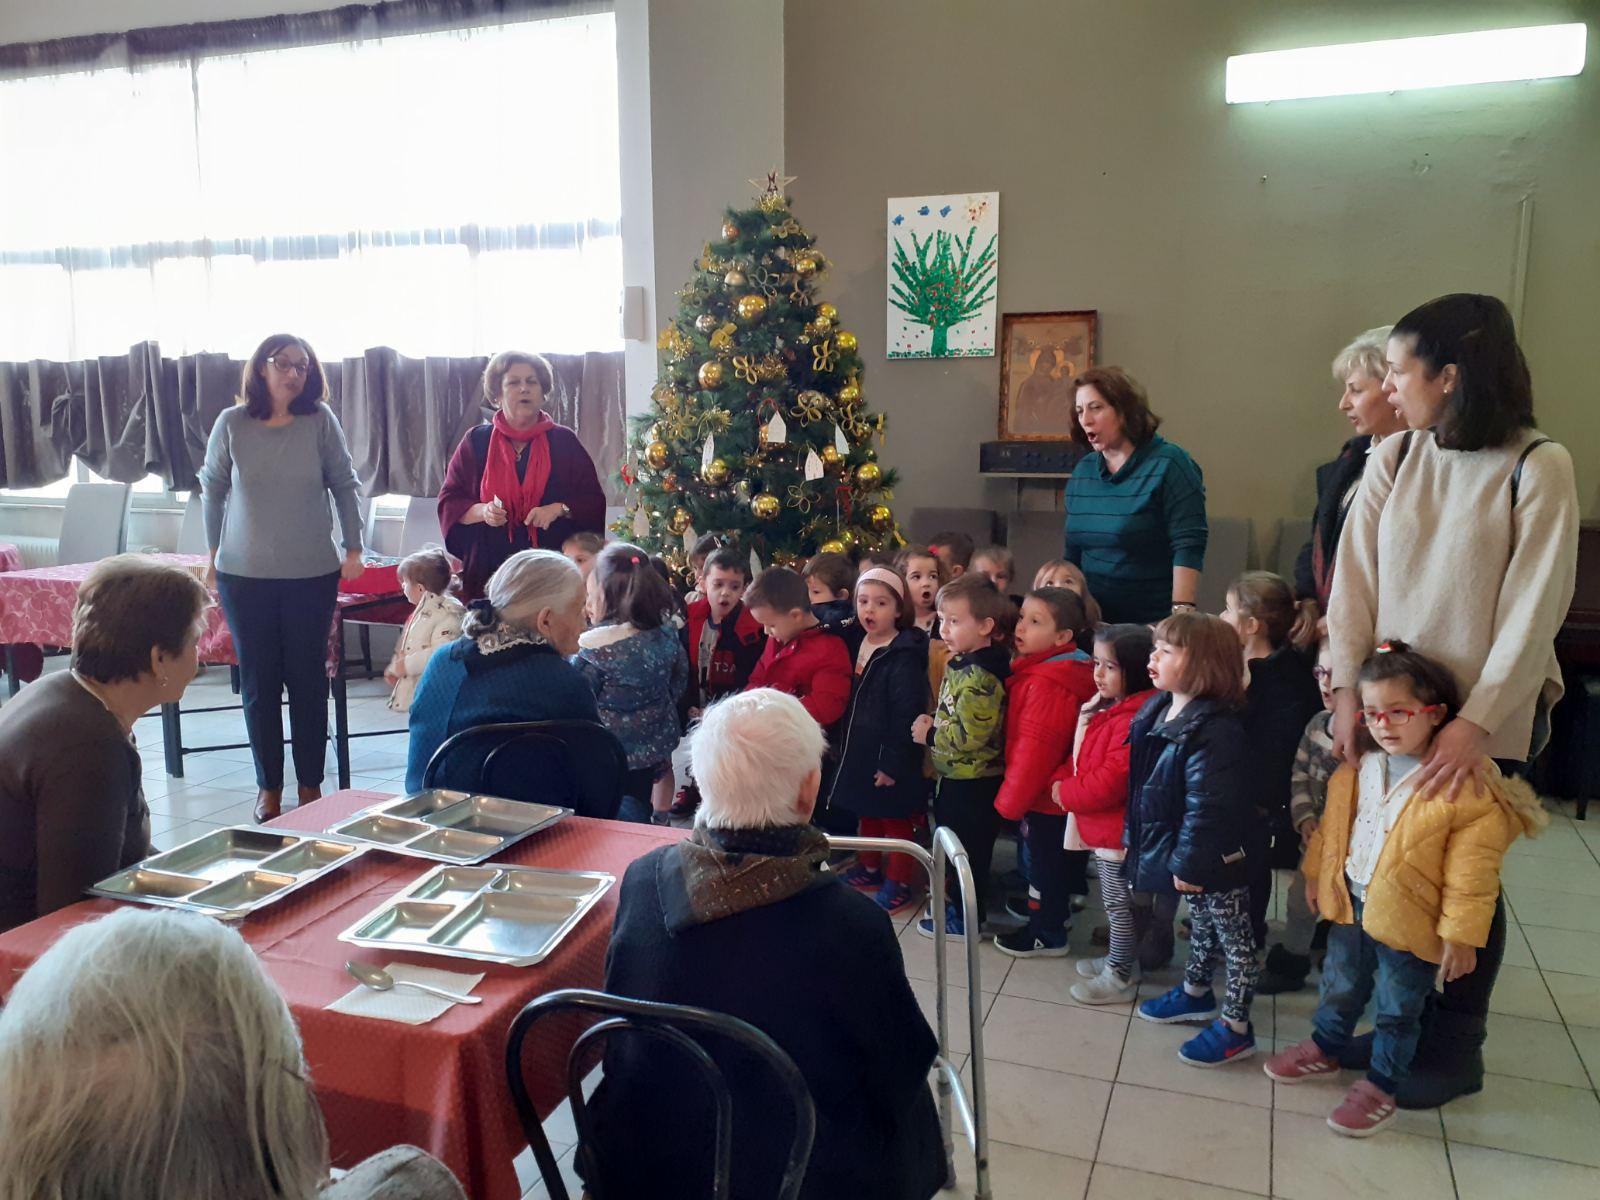 Χαμόγελα κι ευχές από τα παιδιά του 2ου Παιδικού Σταθμού στο Γηροκομείο